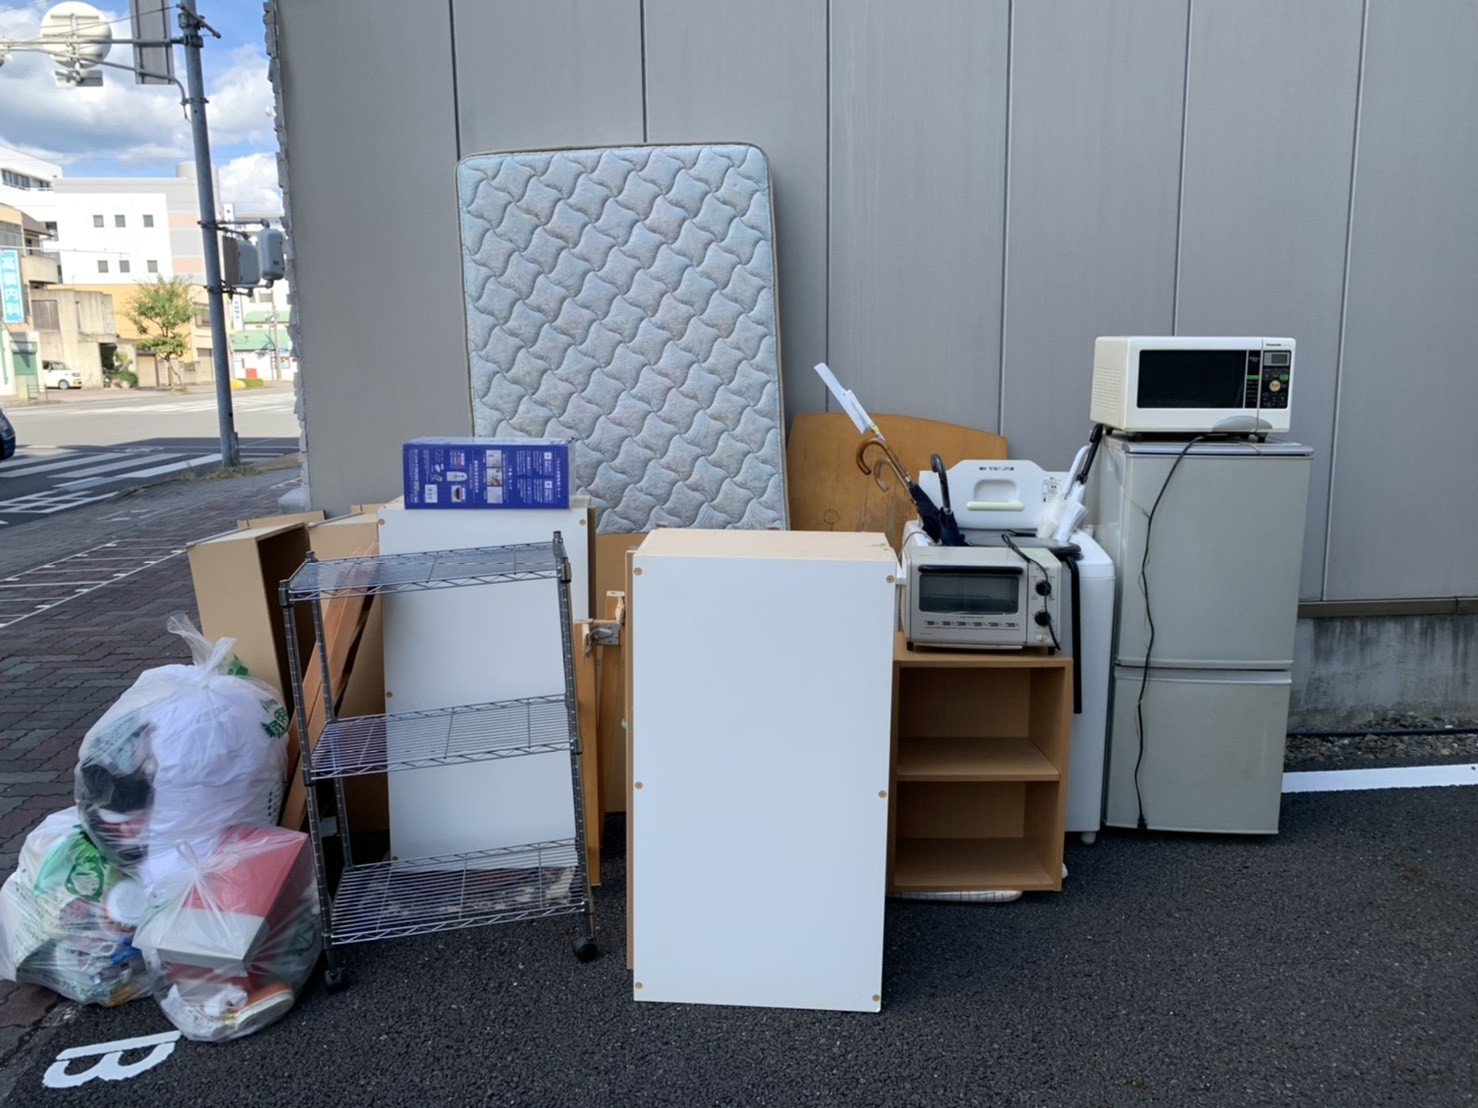 レンジ、オーブン、冷蔵庫、カラーボックス、マットレス、洗濯機の回収前